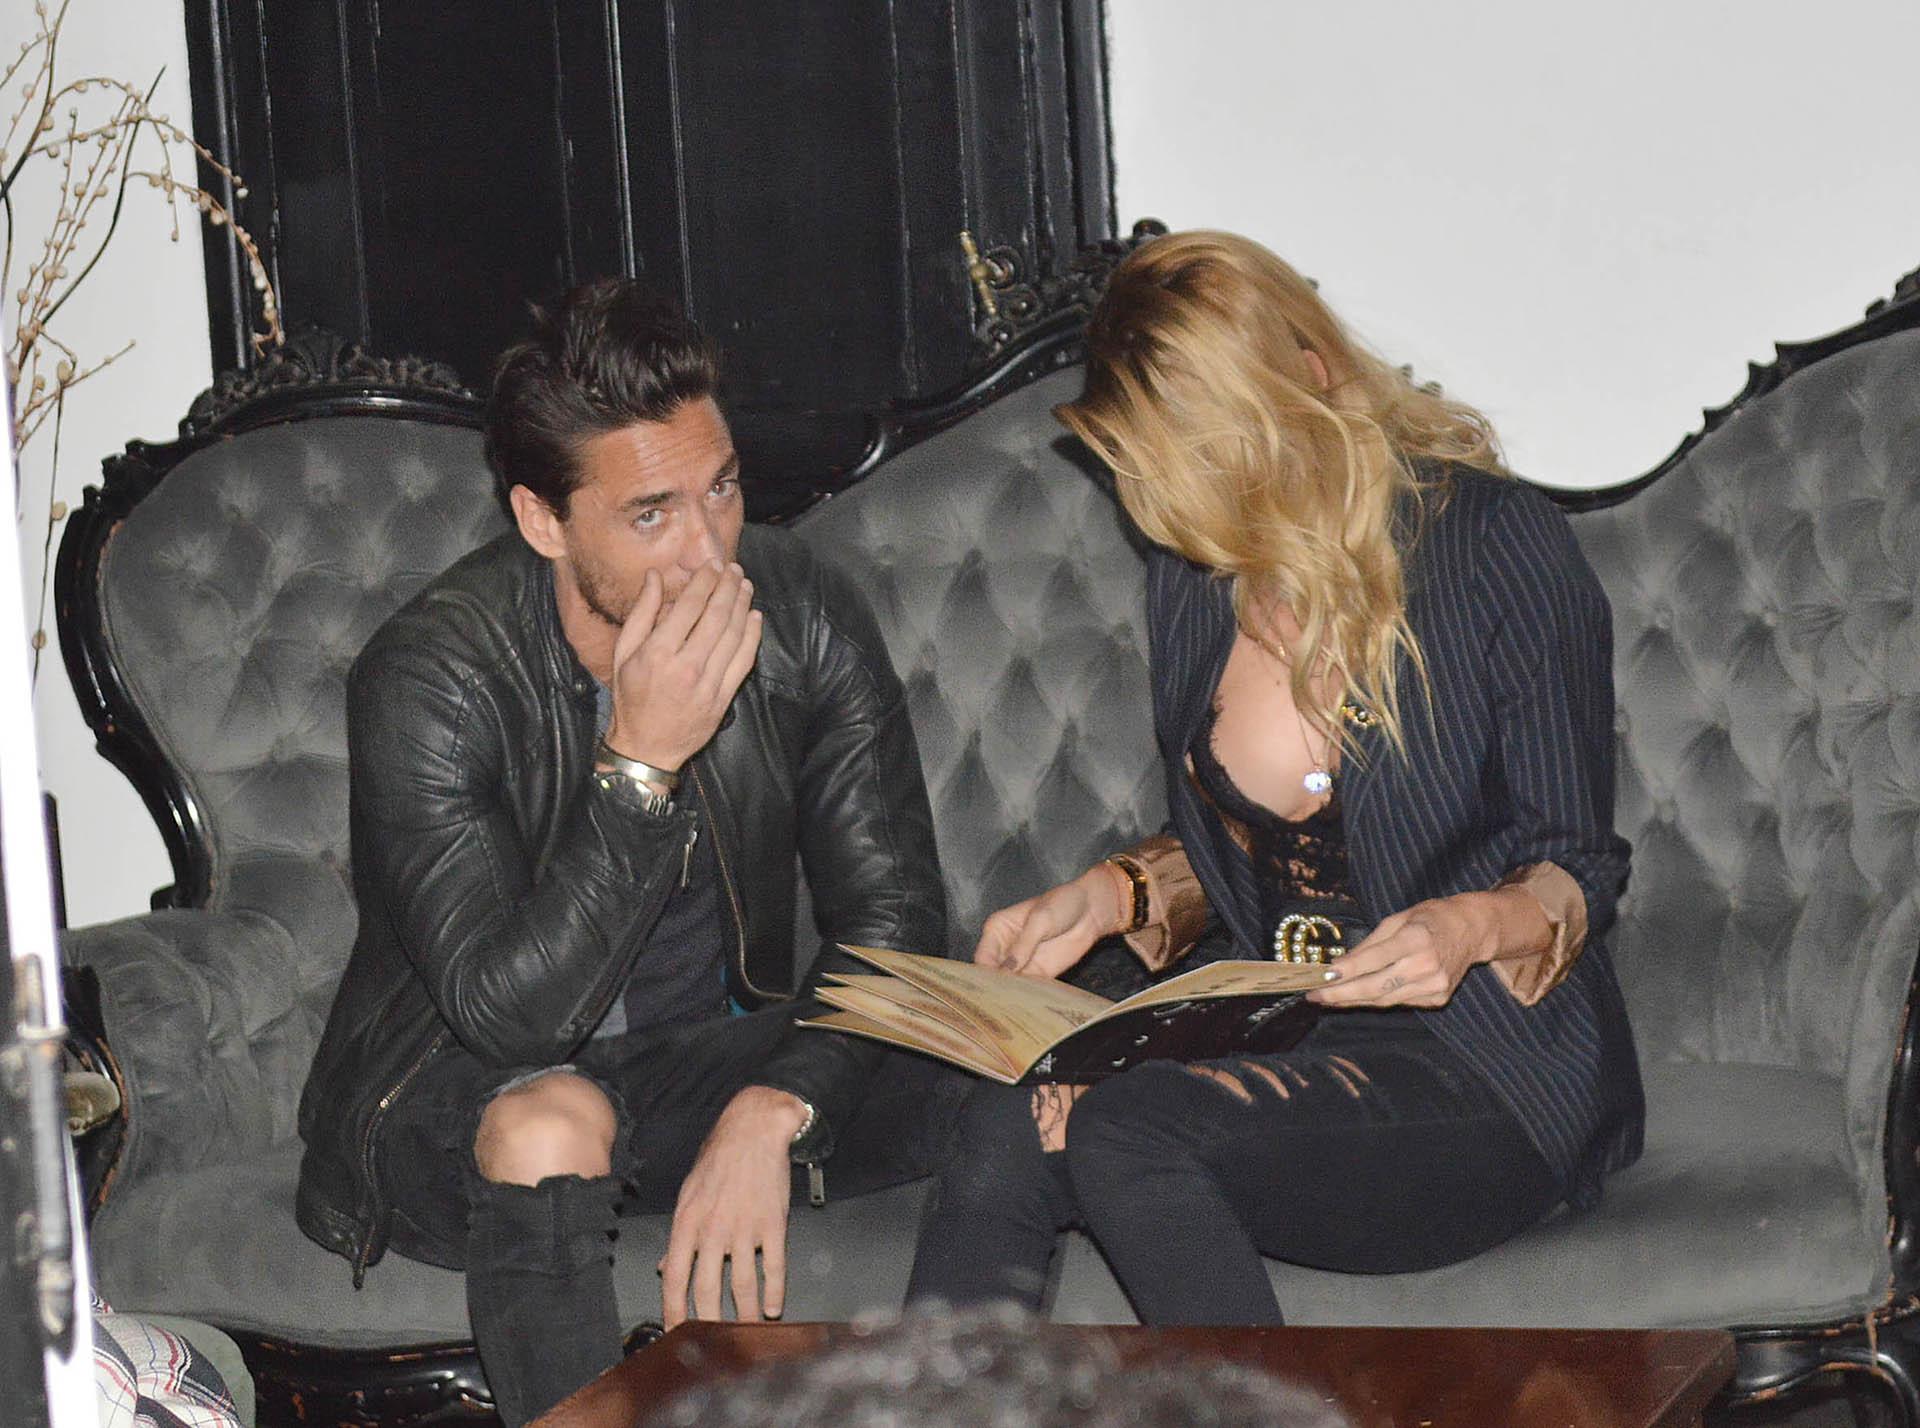 Nicole Neumann y Matías Tasín realizaron su primera salida pública en un bar de Núñez. La pareja había viajado a Miami a mediados de junio (Verónica Guerman / Teleshow)